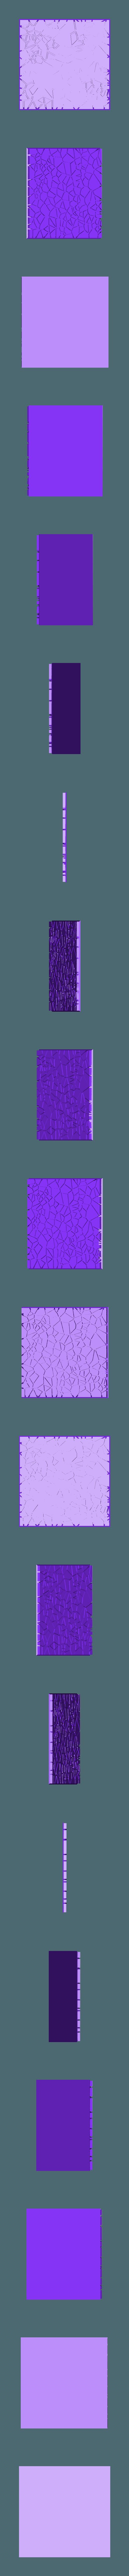 Cracked_paving_100mm_square_5.stl Télécharger fichier STL gratuit Dallage fissuré / Bases carrées à effet de lave pour la saga Dungeon, Kingd of war, Warhammer fantasy battle etc • Objet imprimable en 3D, redstarkits